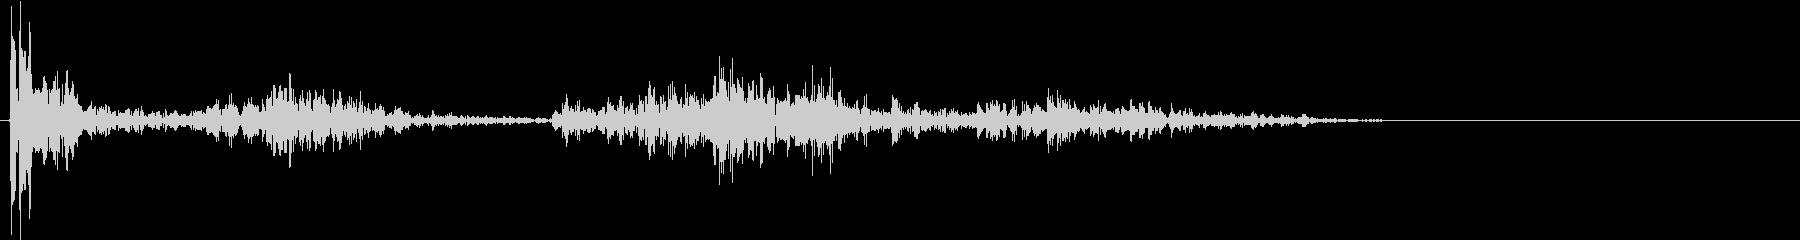 【生録音】ペンで書く音 机 4の未再生の波形